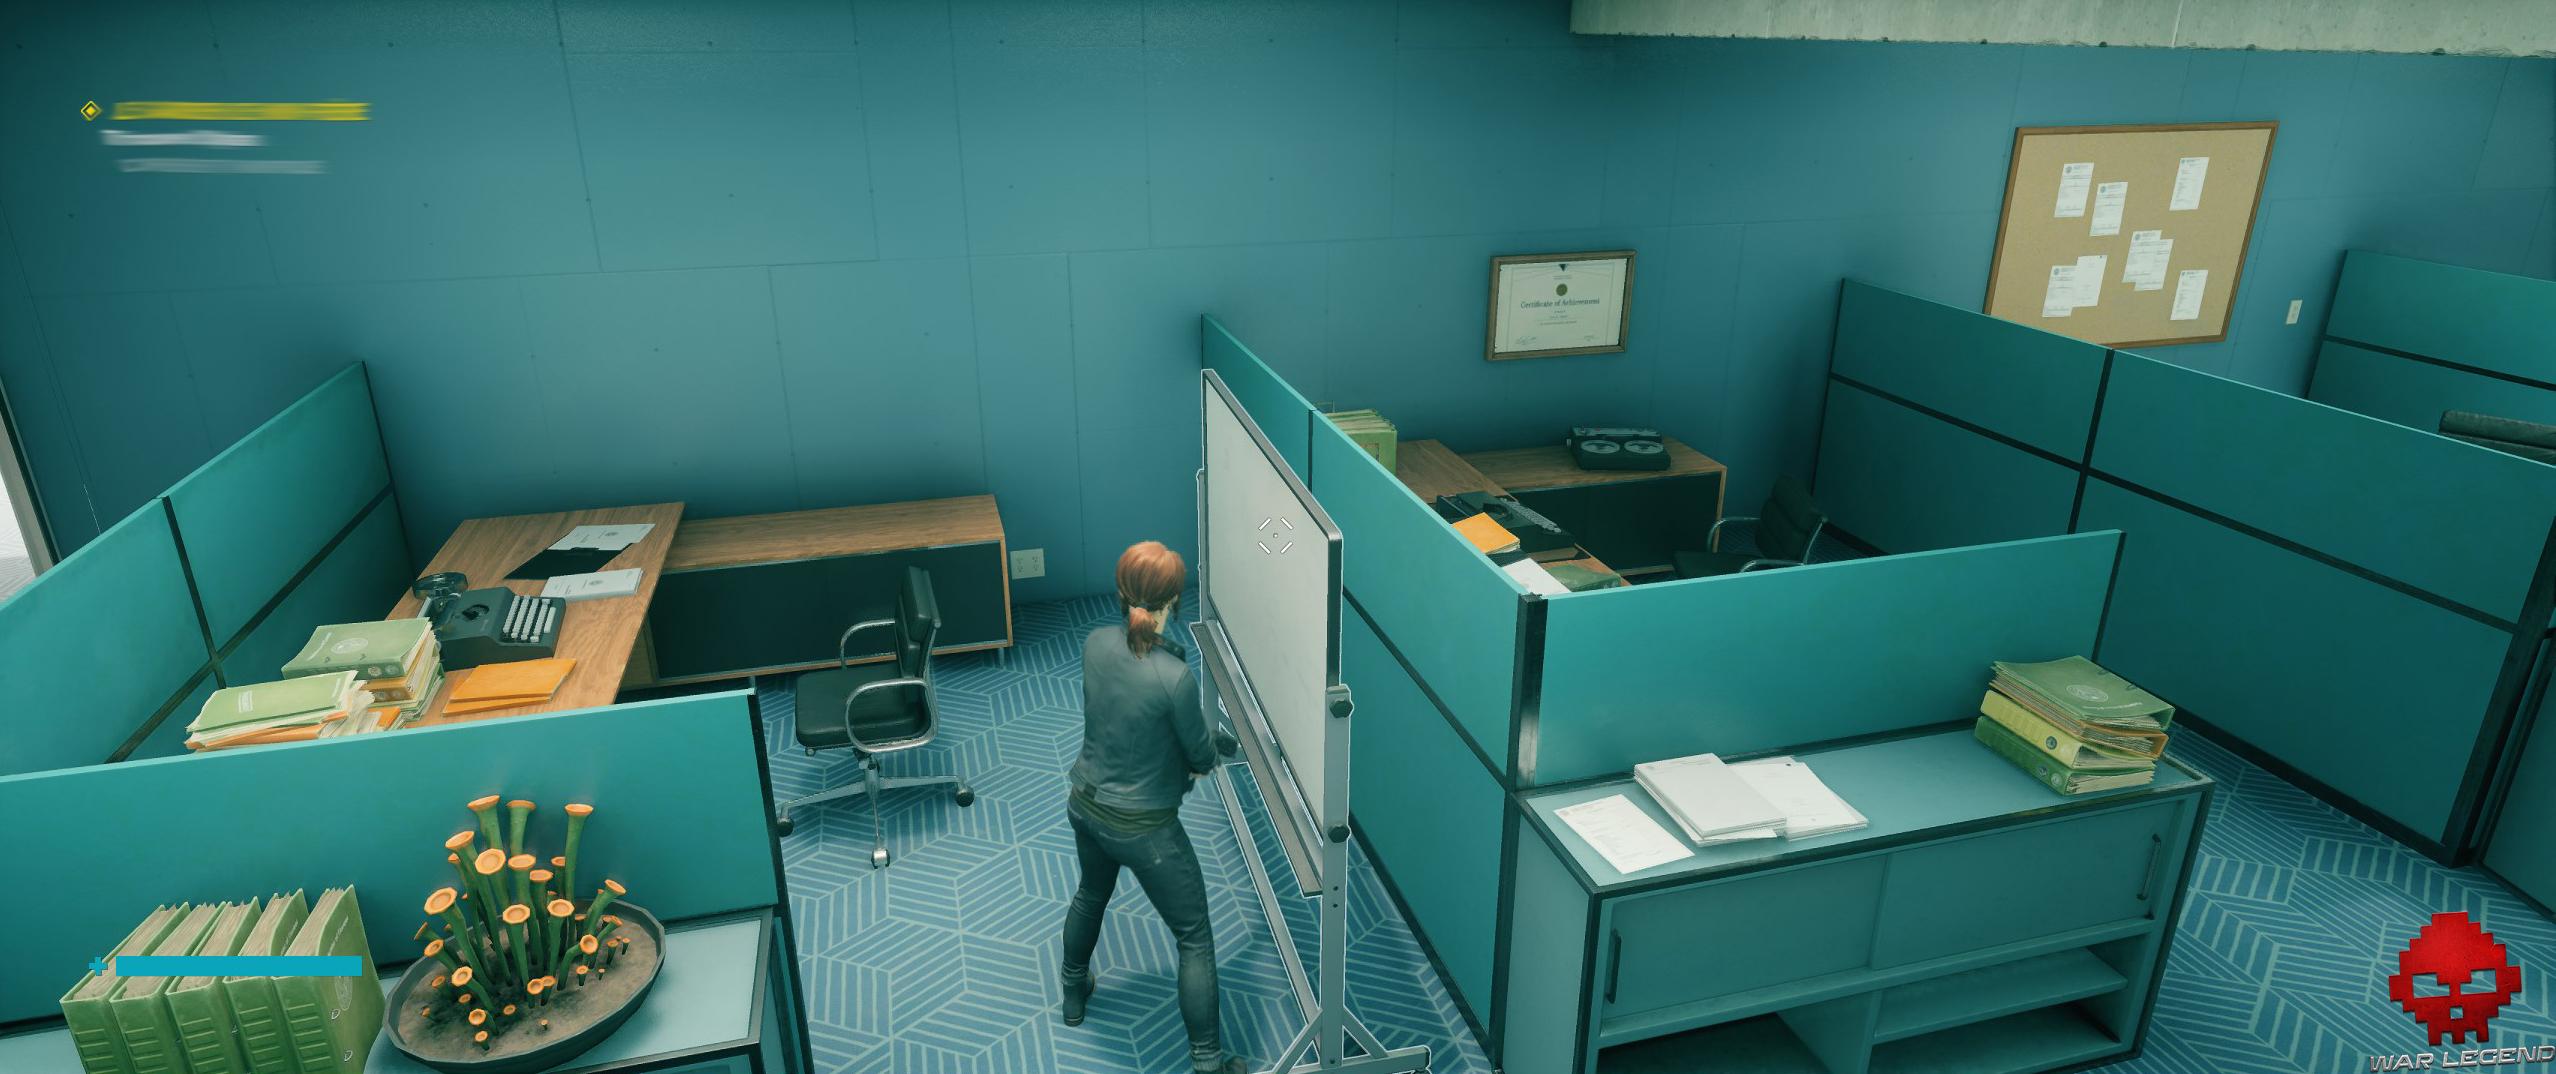 Test Control - bureaux, ombres de contact sans DXR